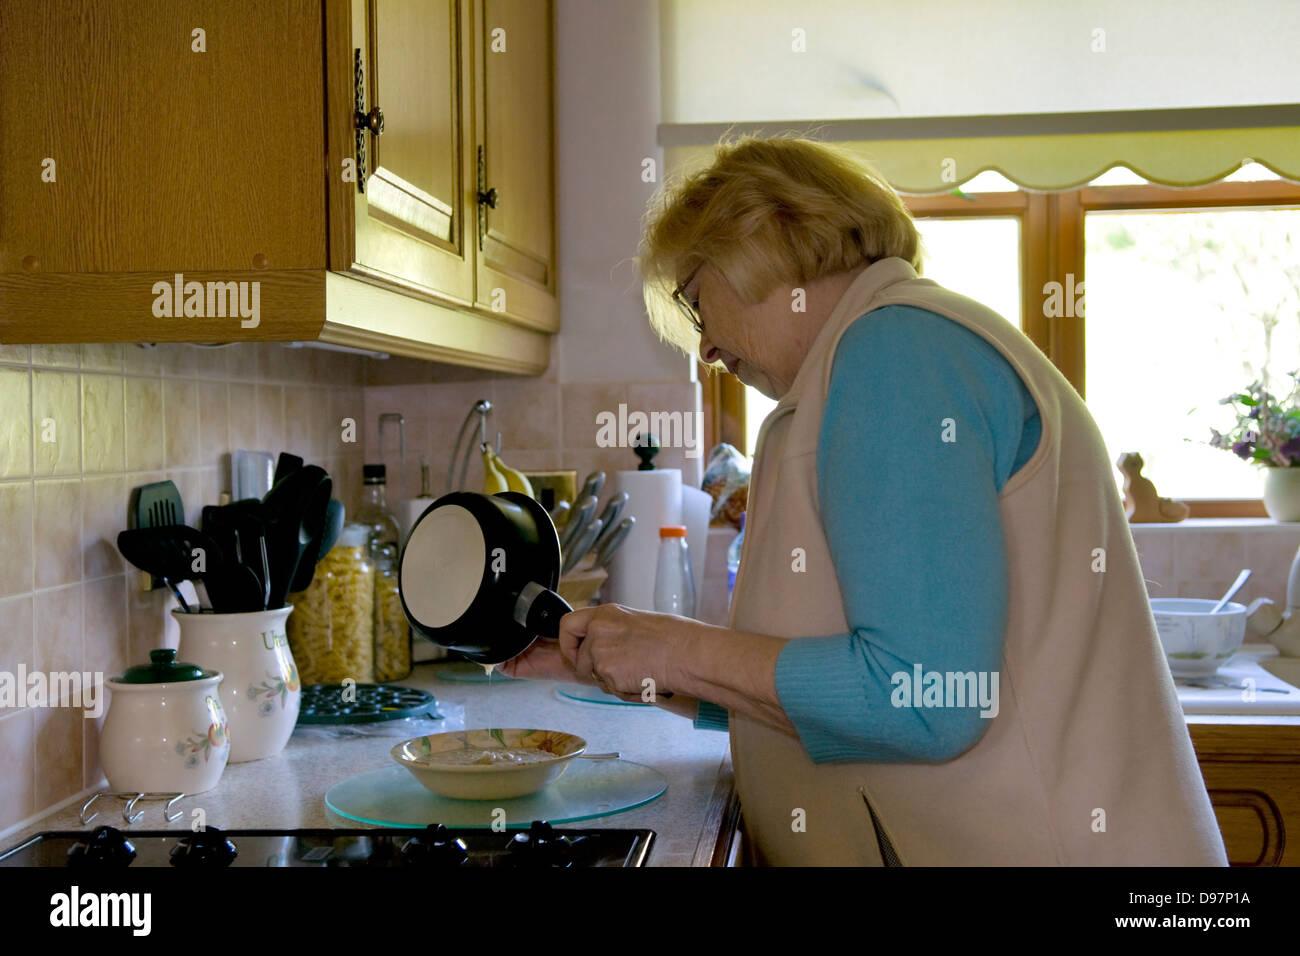 Senior lady pouring porridge into bowl in kitchen - Stock Image